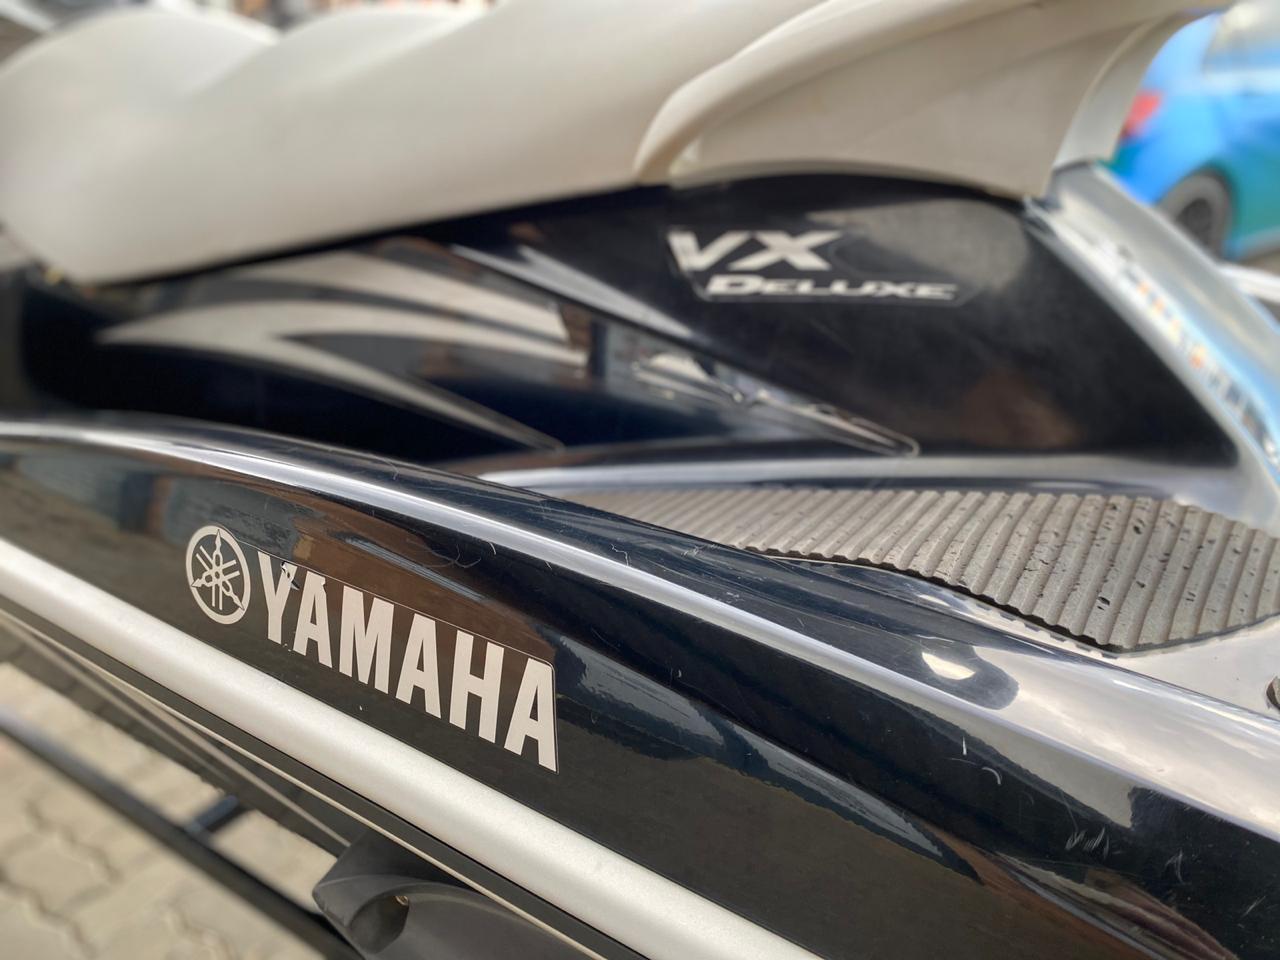 2008 YAMAHA VX 1100